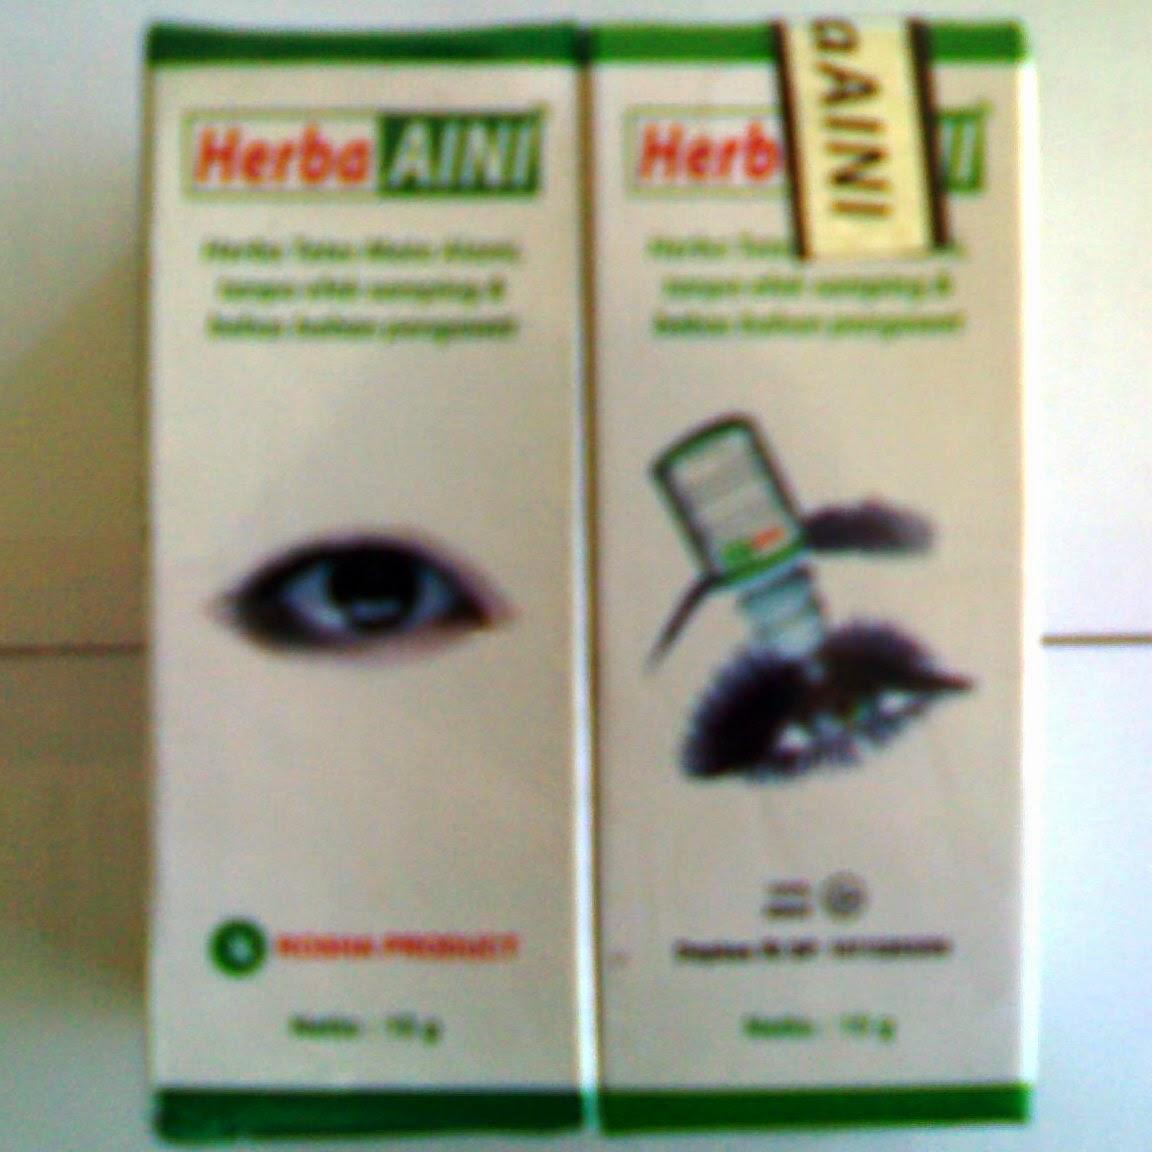 Herba Aini Obat Tetes Mata Herbal Andiherbal.com